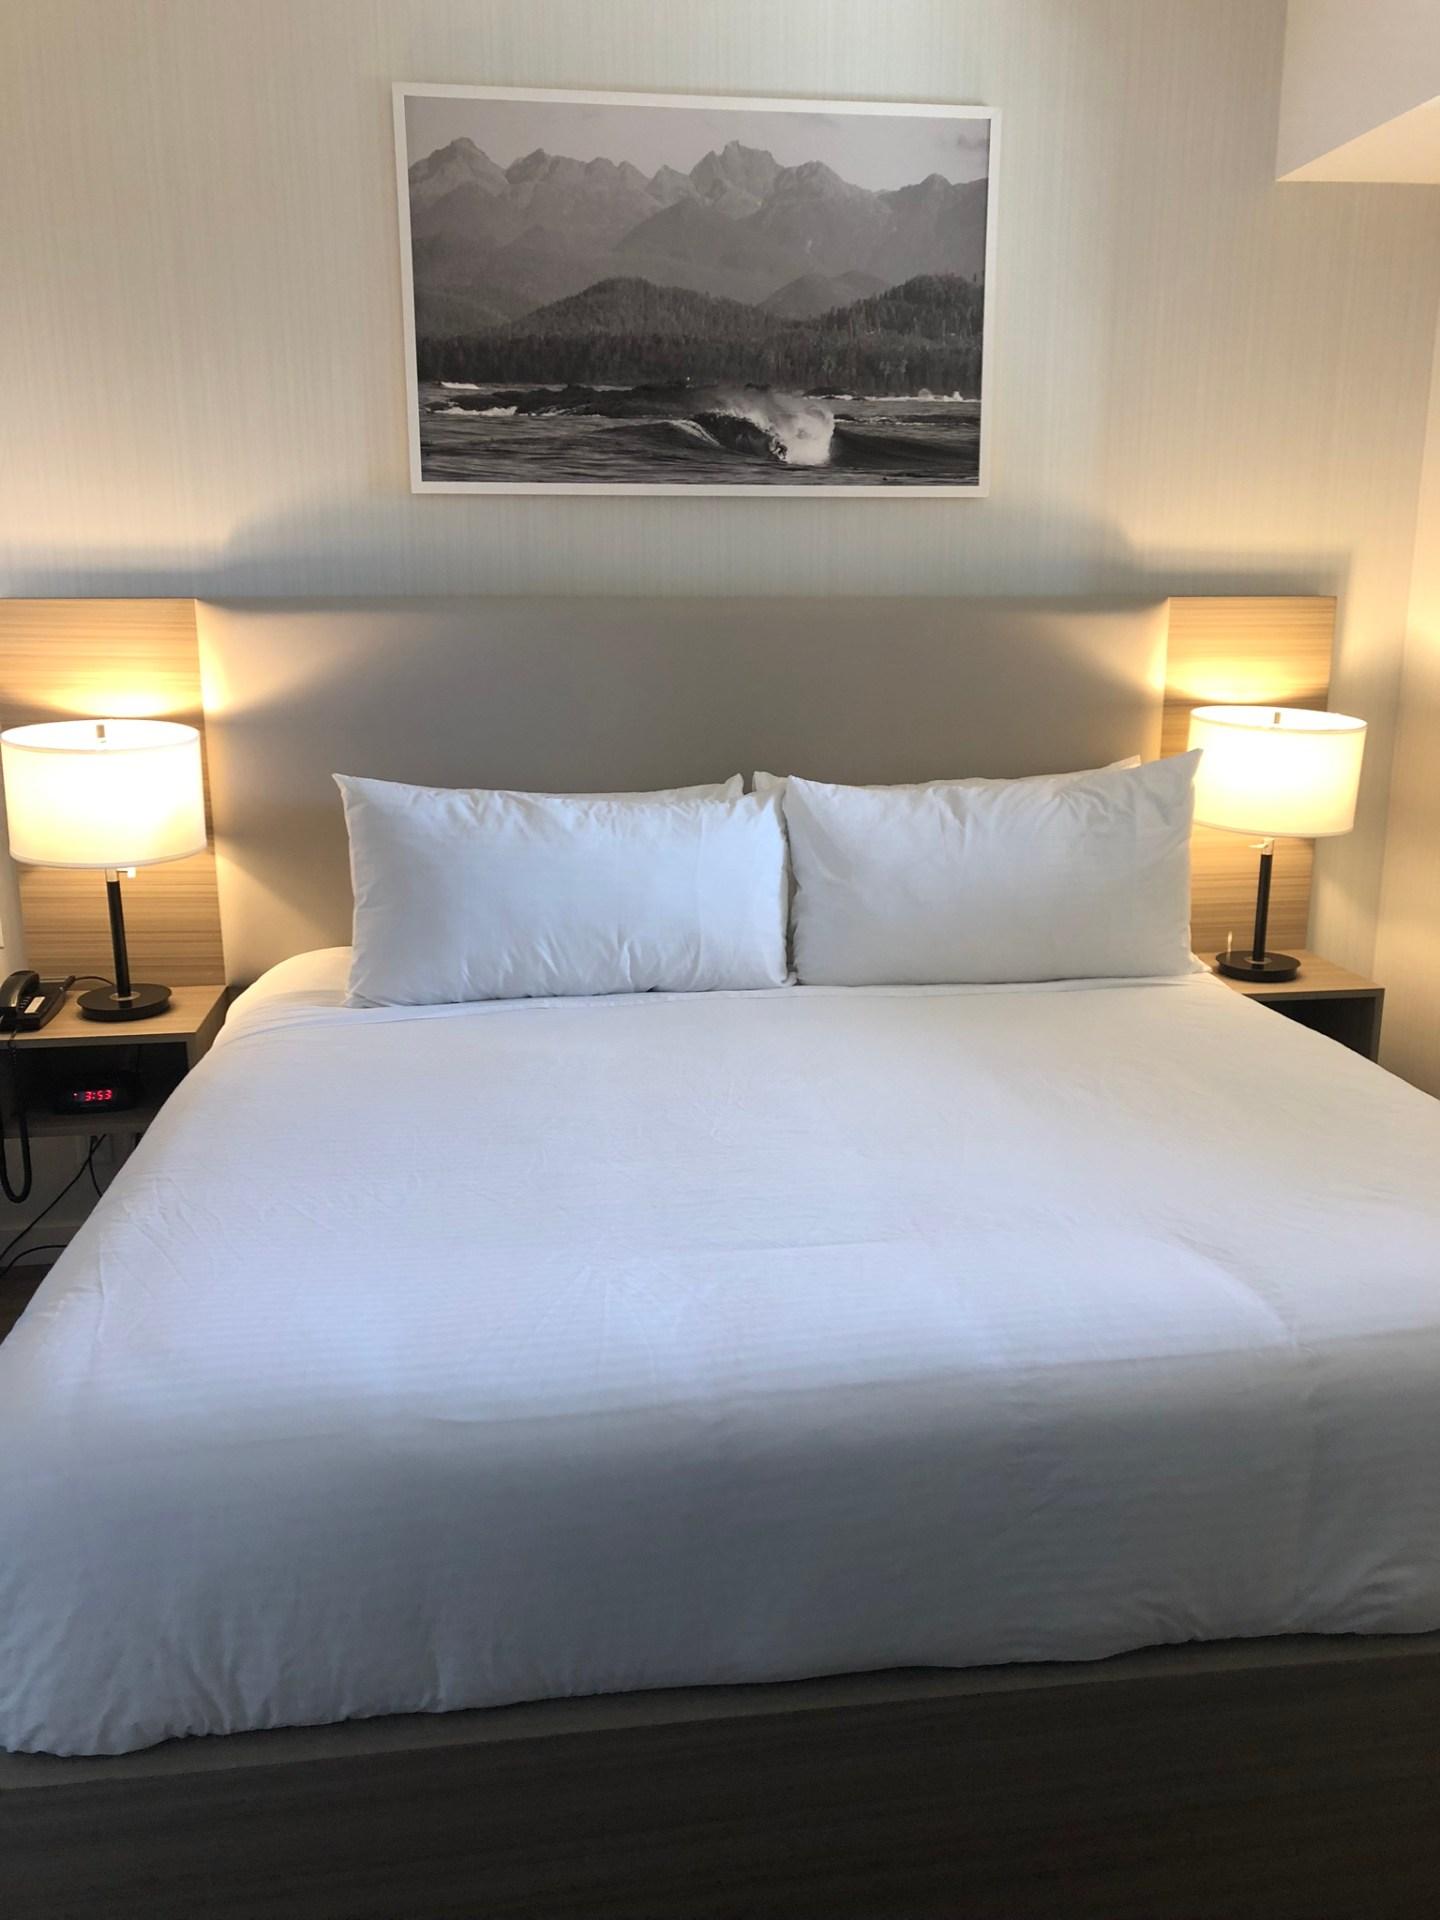 Bedroom of Pacific Sands Beach Resort, Tofino